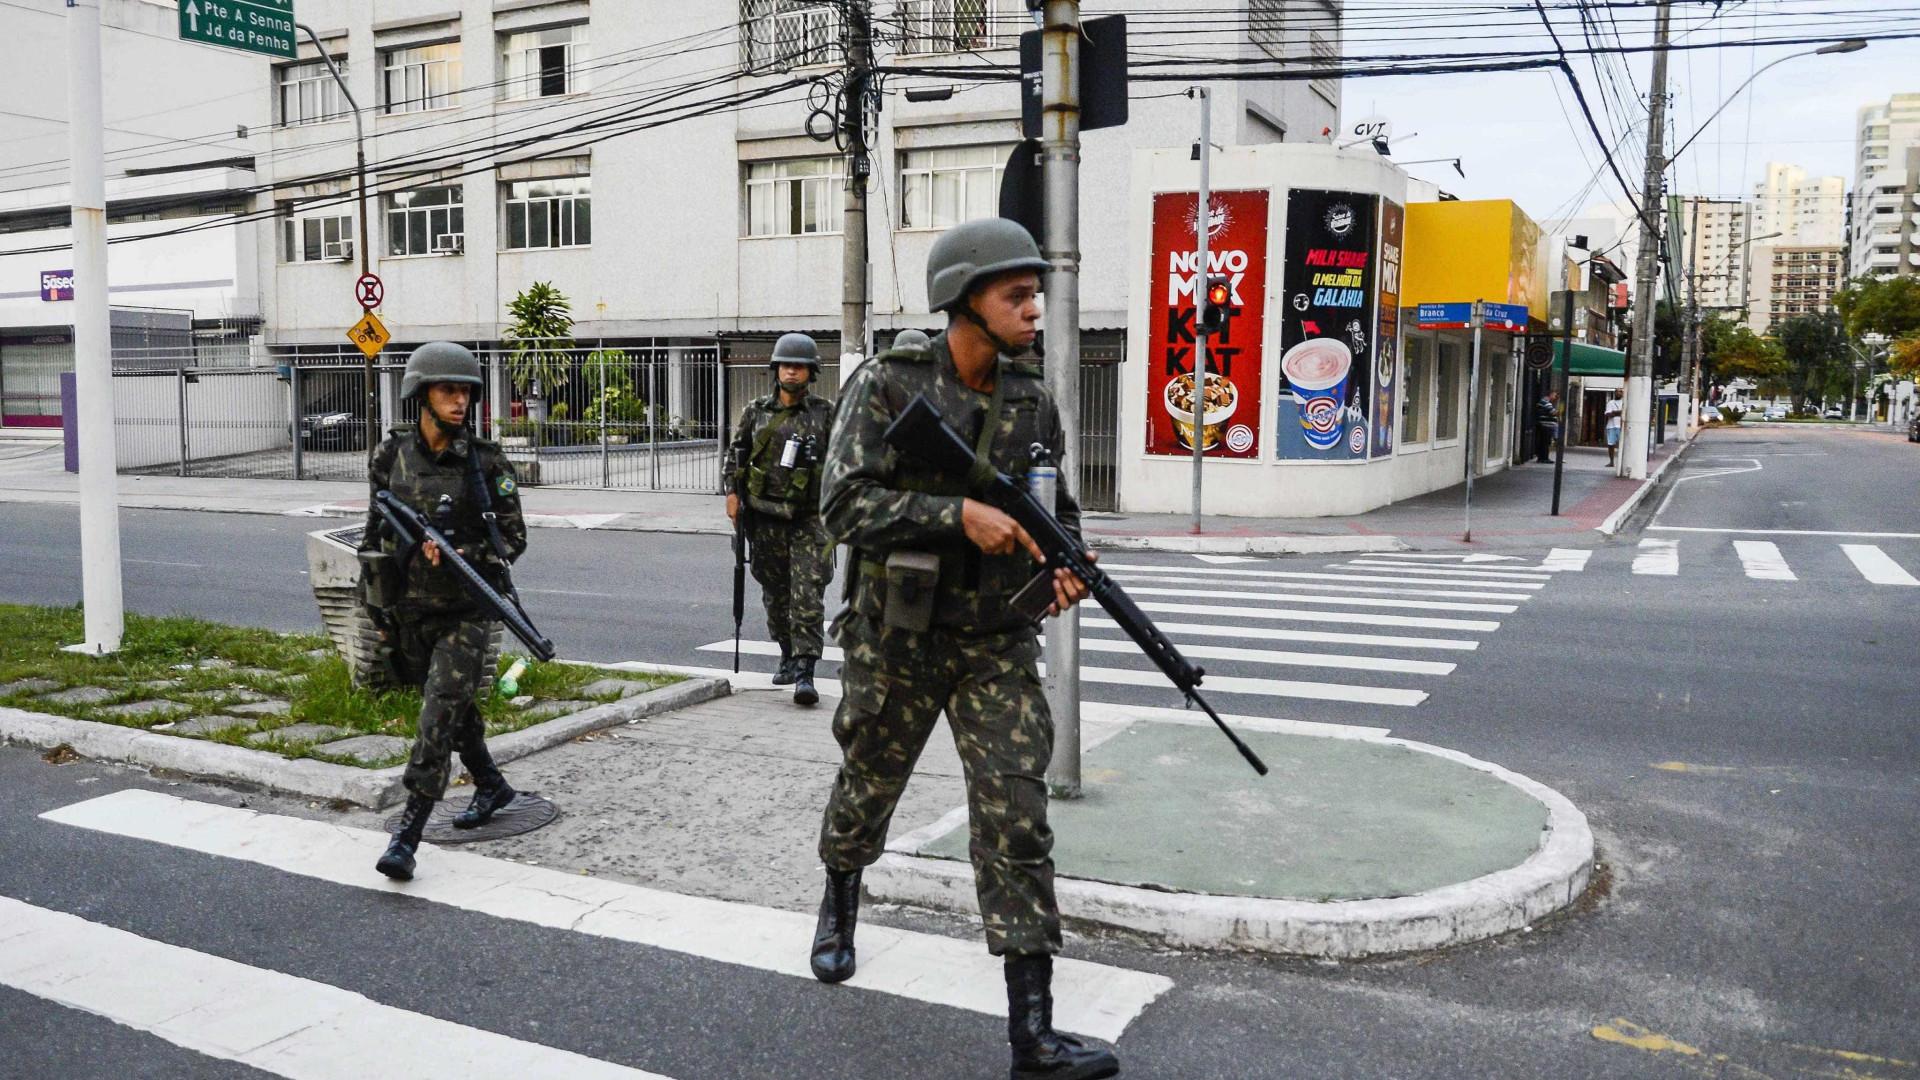 Espírito Santo: Clima de insegurança mantém-se mesmo com militares na rua